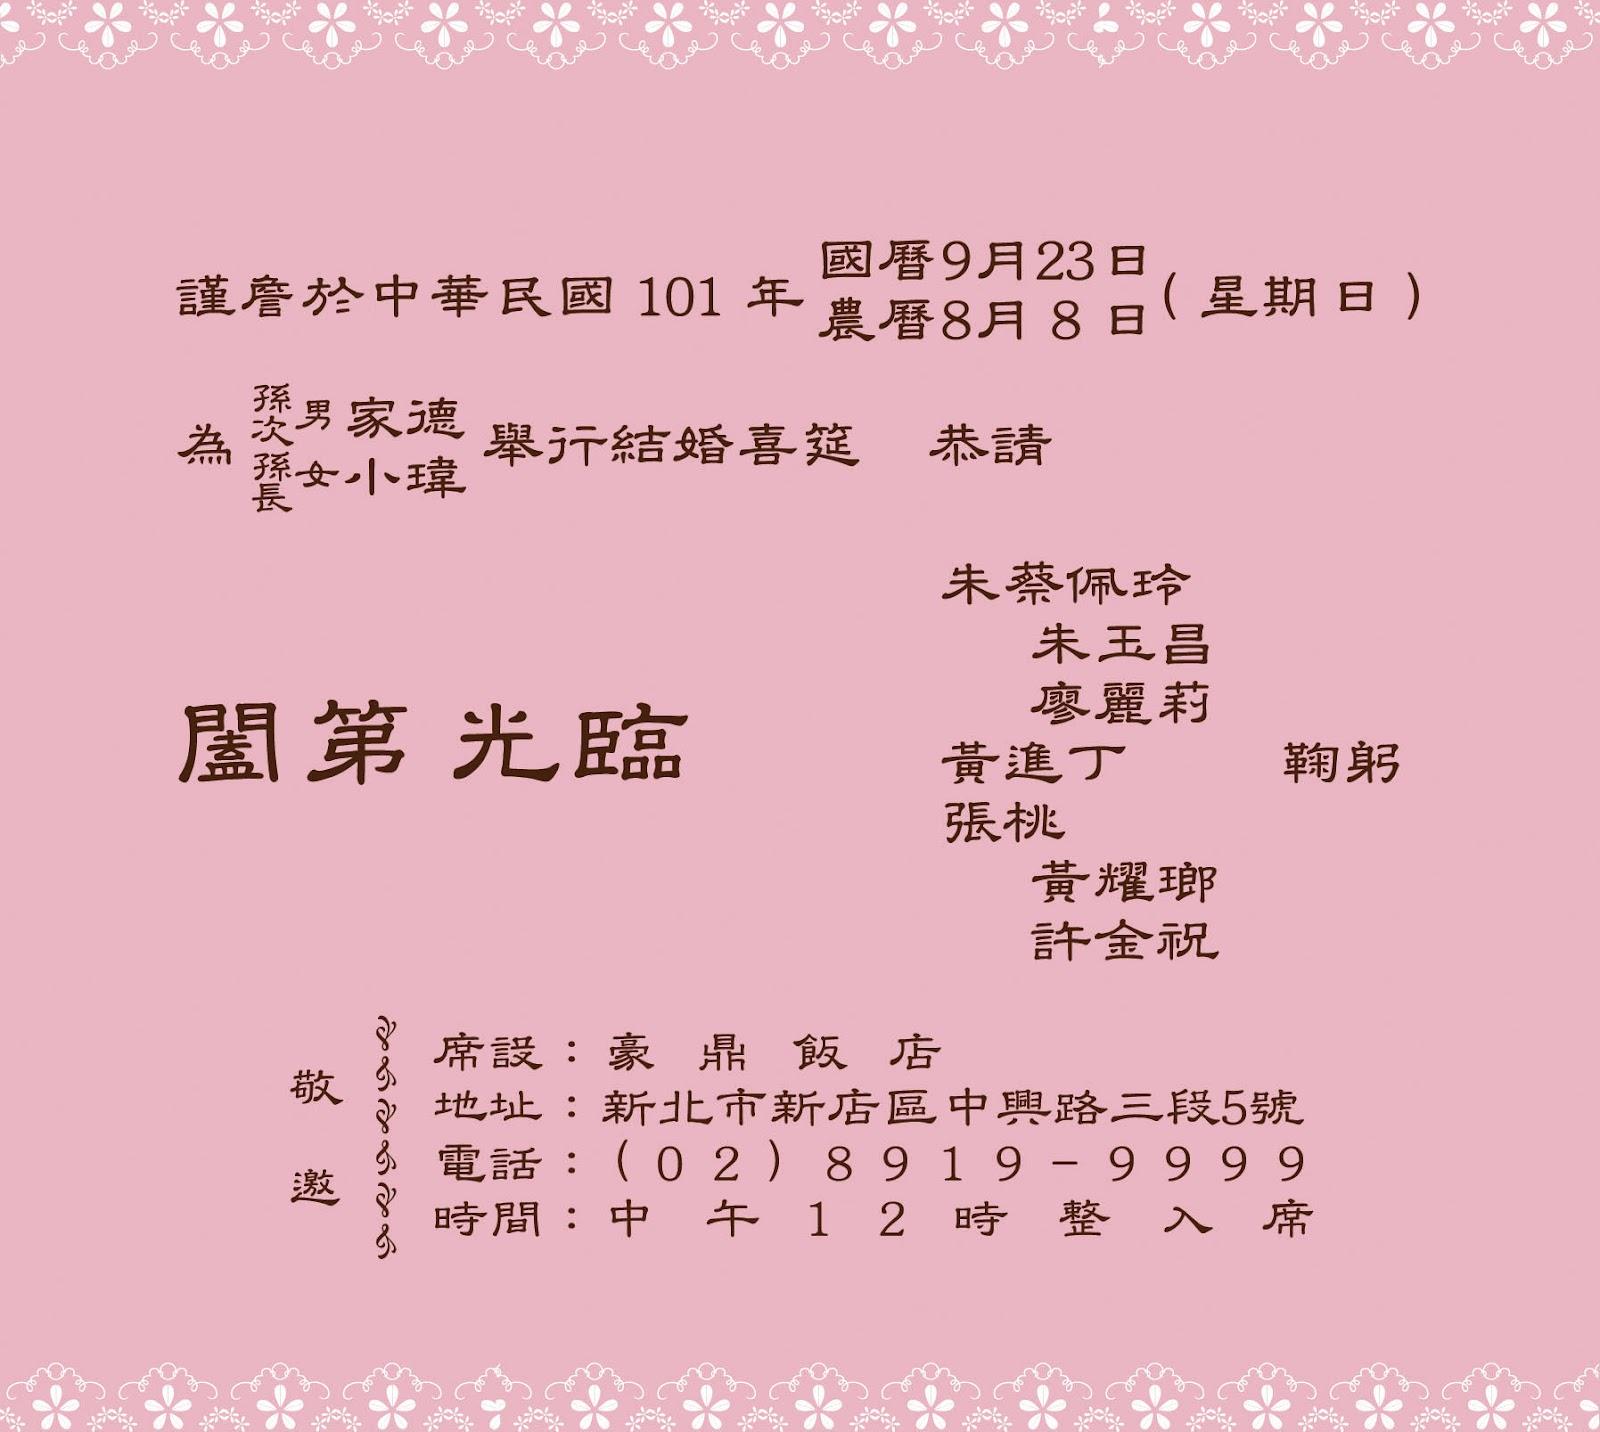 電子喜帖範本  - 愛淘生活